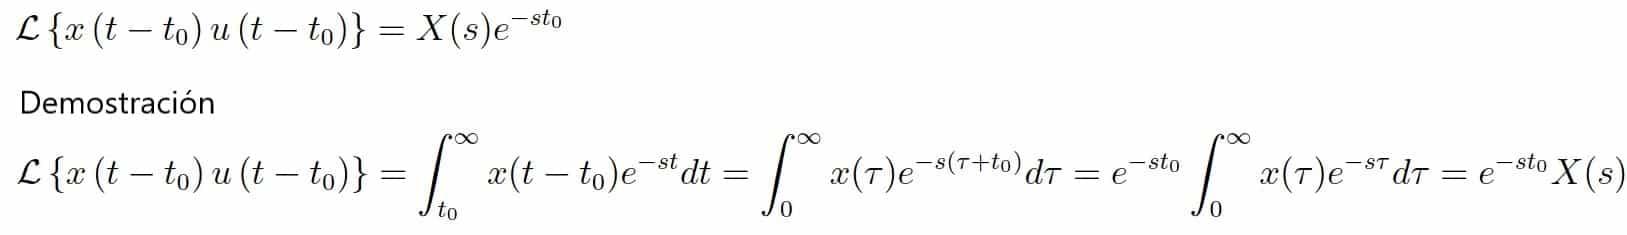 Desplazamiento en tiempo - Calculadora de transformada de laplace